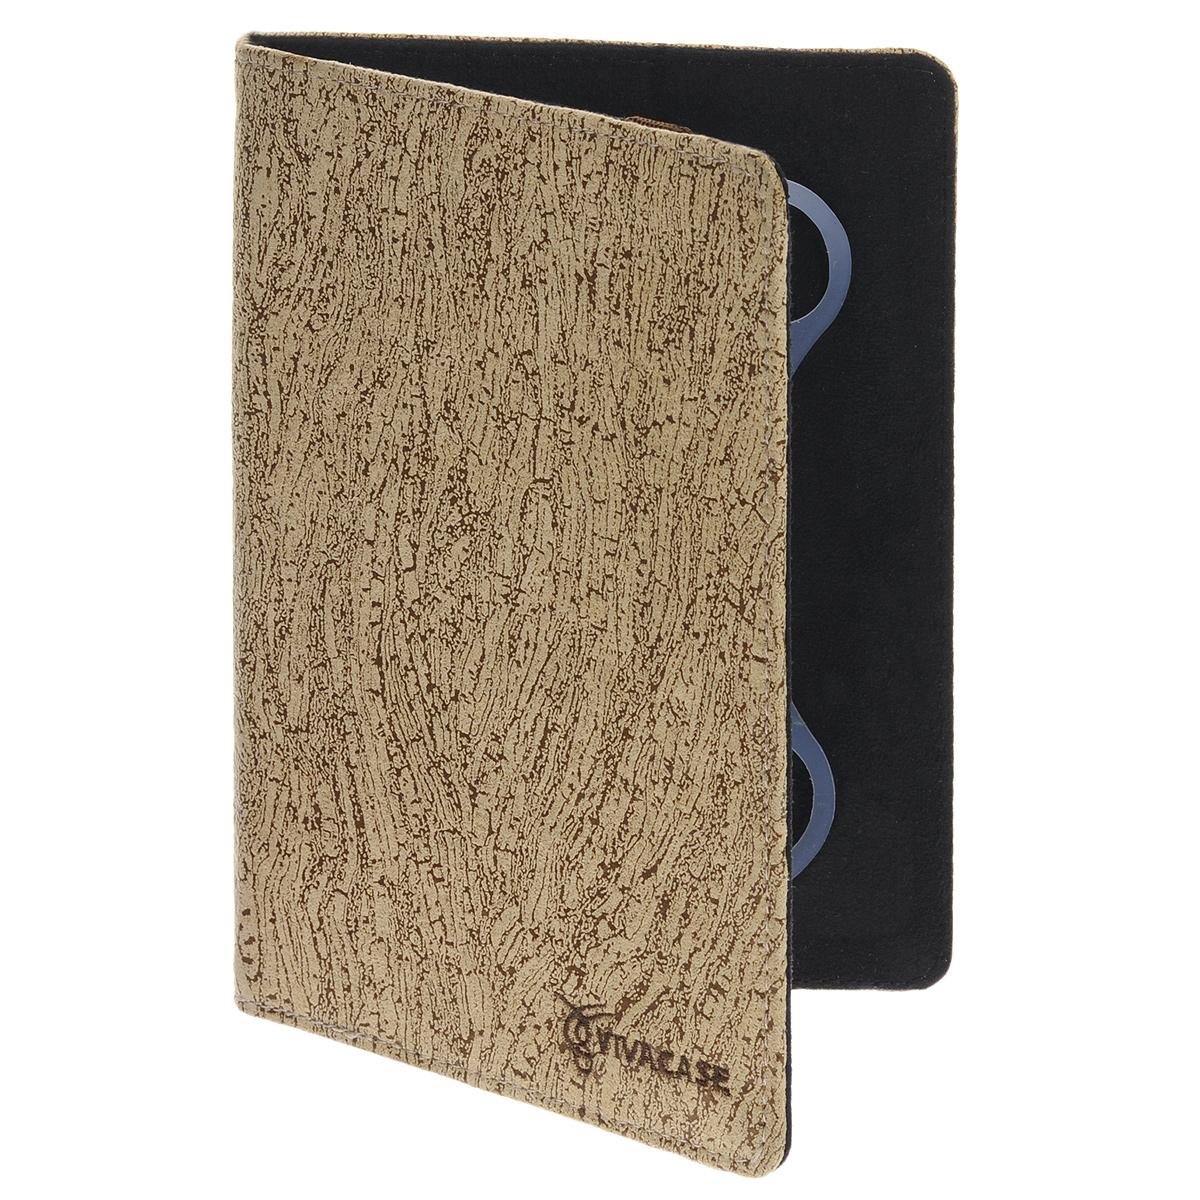 Vivacase Birch универсальный чехол-обложка для планшетов 7+, Coffee Milk (VUC-CBR07P-cm)VUC-CBR07P-cmУниверсальный чехол Vivacase с резиновым креплением, который подходит для любых популярных планшетов и электронных книг с диагональю дисплея в 7+ дюймов. Он изготовлен из ткани, которой обтянут прочный каркас, защищающий устройство во время падений. Внутренняя часть отделана мягкой подкладкой, которая не оставляет никаких следов на корпусе и дисплее.Каркас из тонкой и мягкой резины позволяет прочно и надежно закрепить устройство подходящего размера. Для того чтобы установить устройство в альбомной ориентации, удобной для просмотра видео или чтения, чехол имеет подвижную площадку и два углубления, которые позволяют зафиксировать планшет под двумя разными углами.